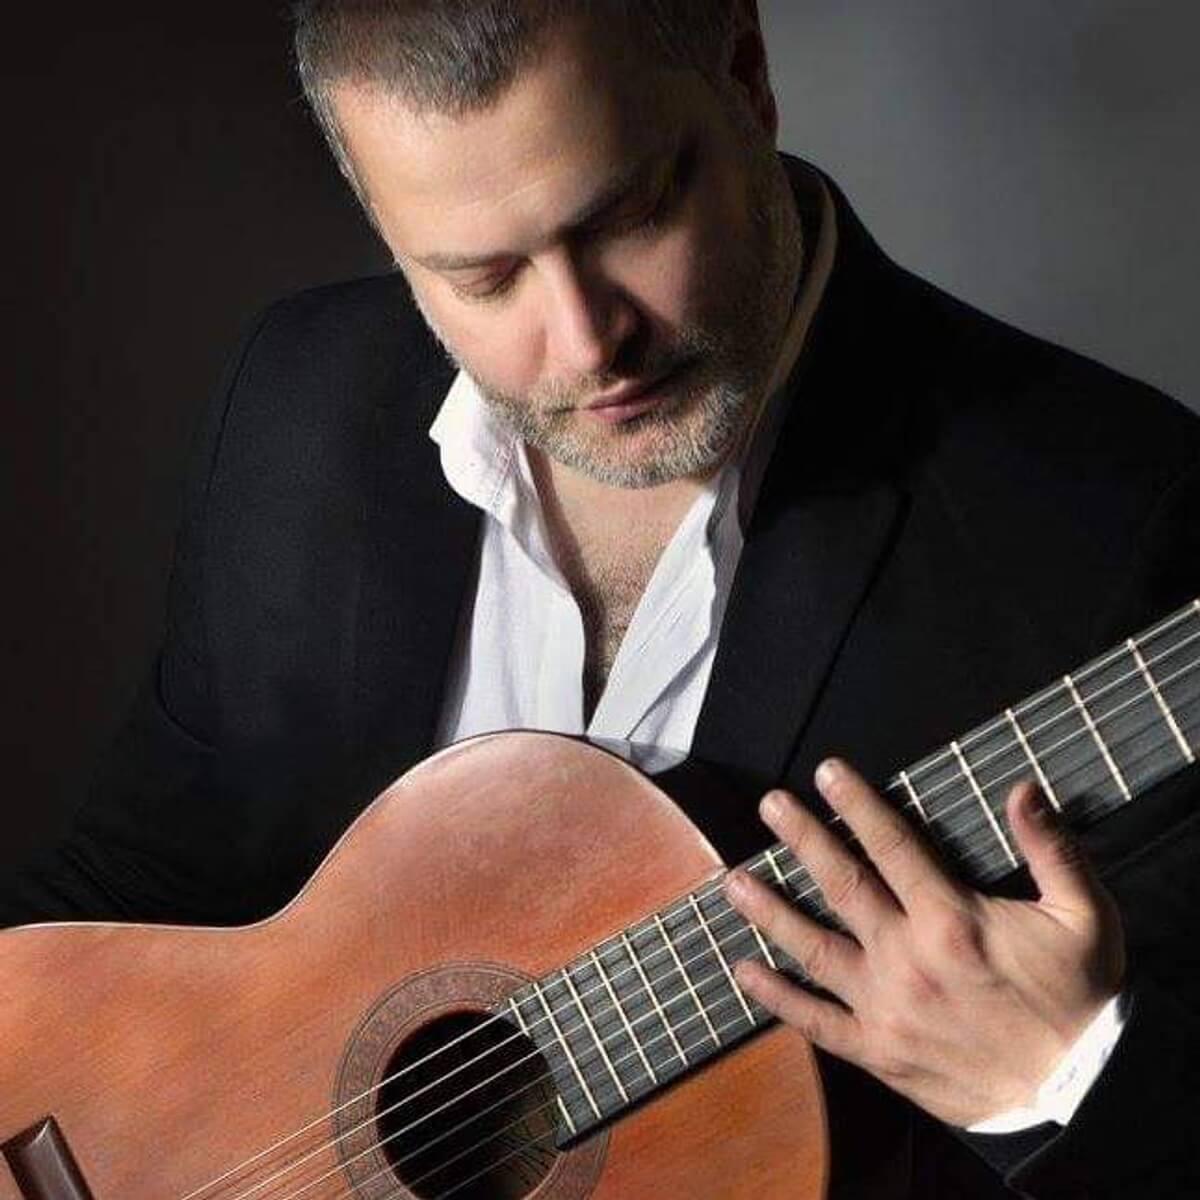 Θέατρο Αυλιδείας Αρτέμιδος - Παναγιώτης Μάργαρης: Ο δεξιοτέχνης της κλασικής κιθάρας για μια μουσική παράσταση στην Χαλκιδα